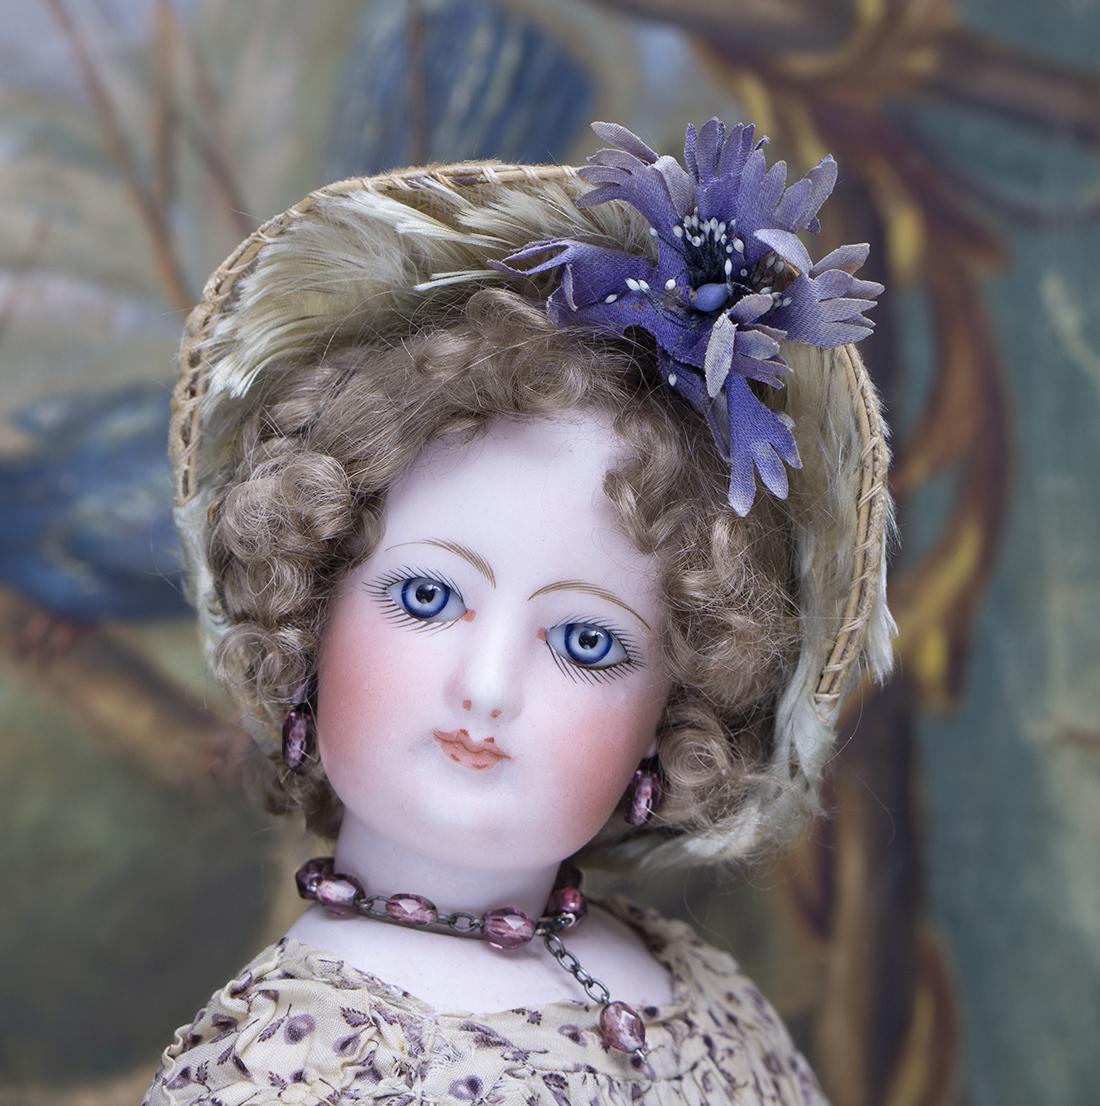 French Fashion F.G. doll